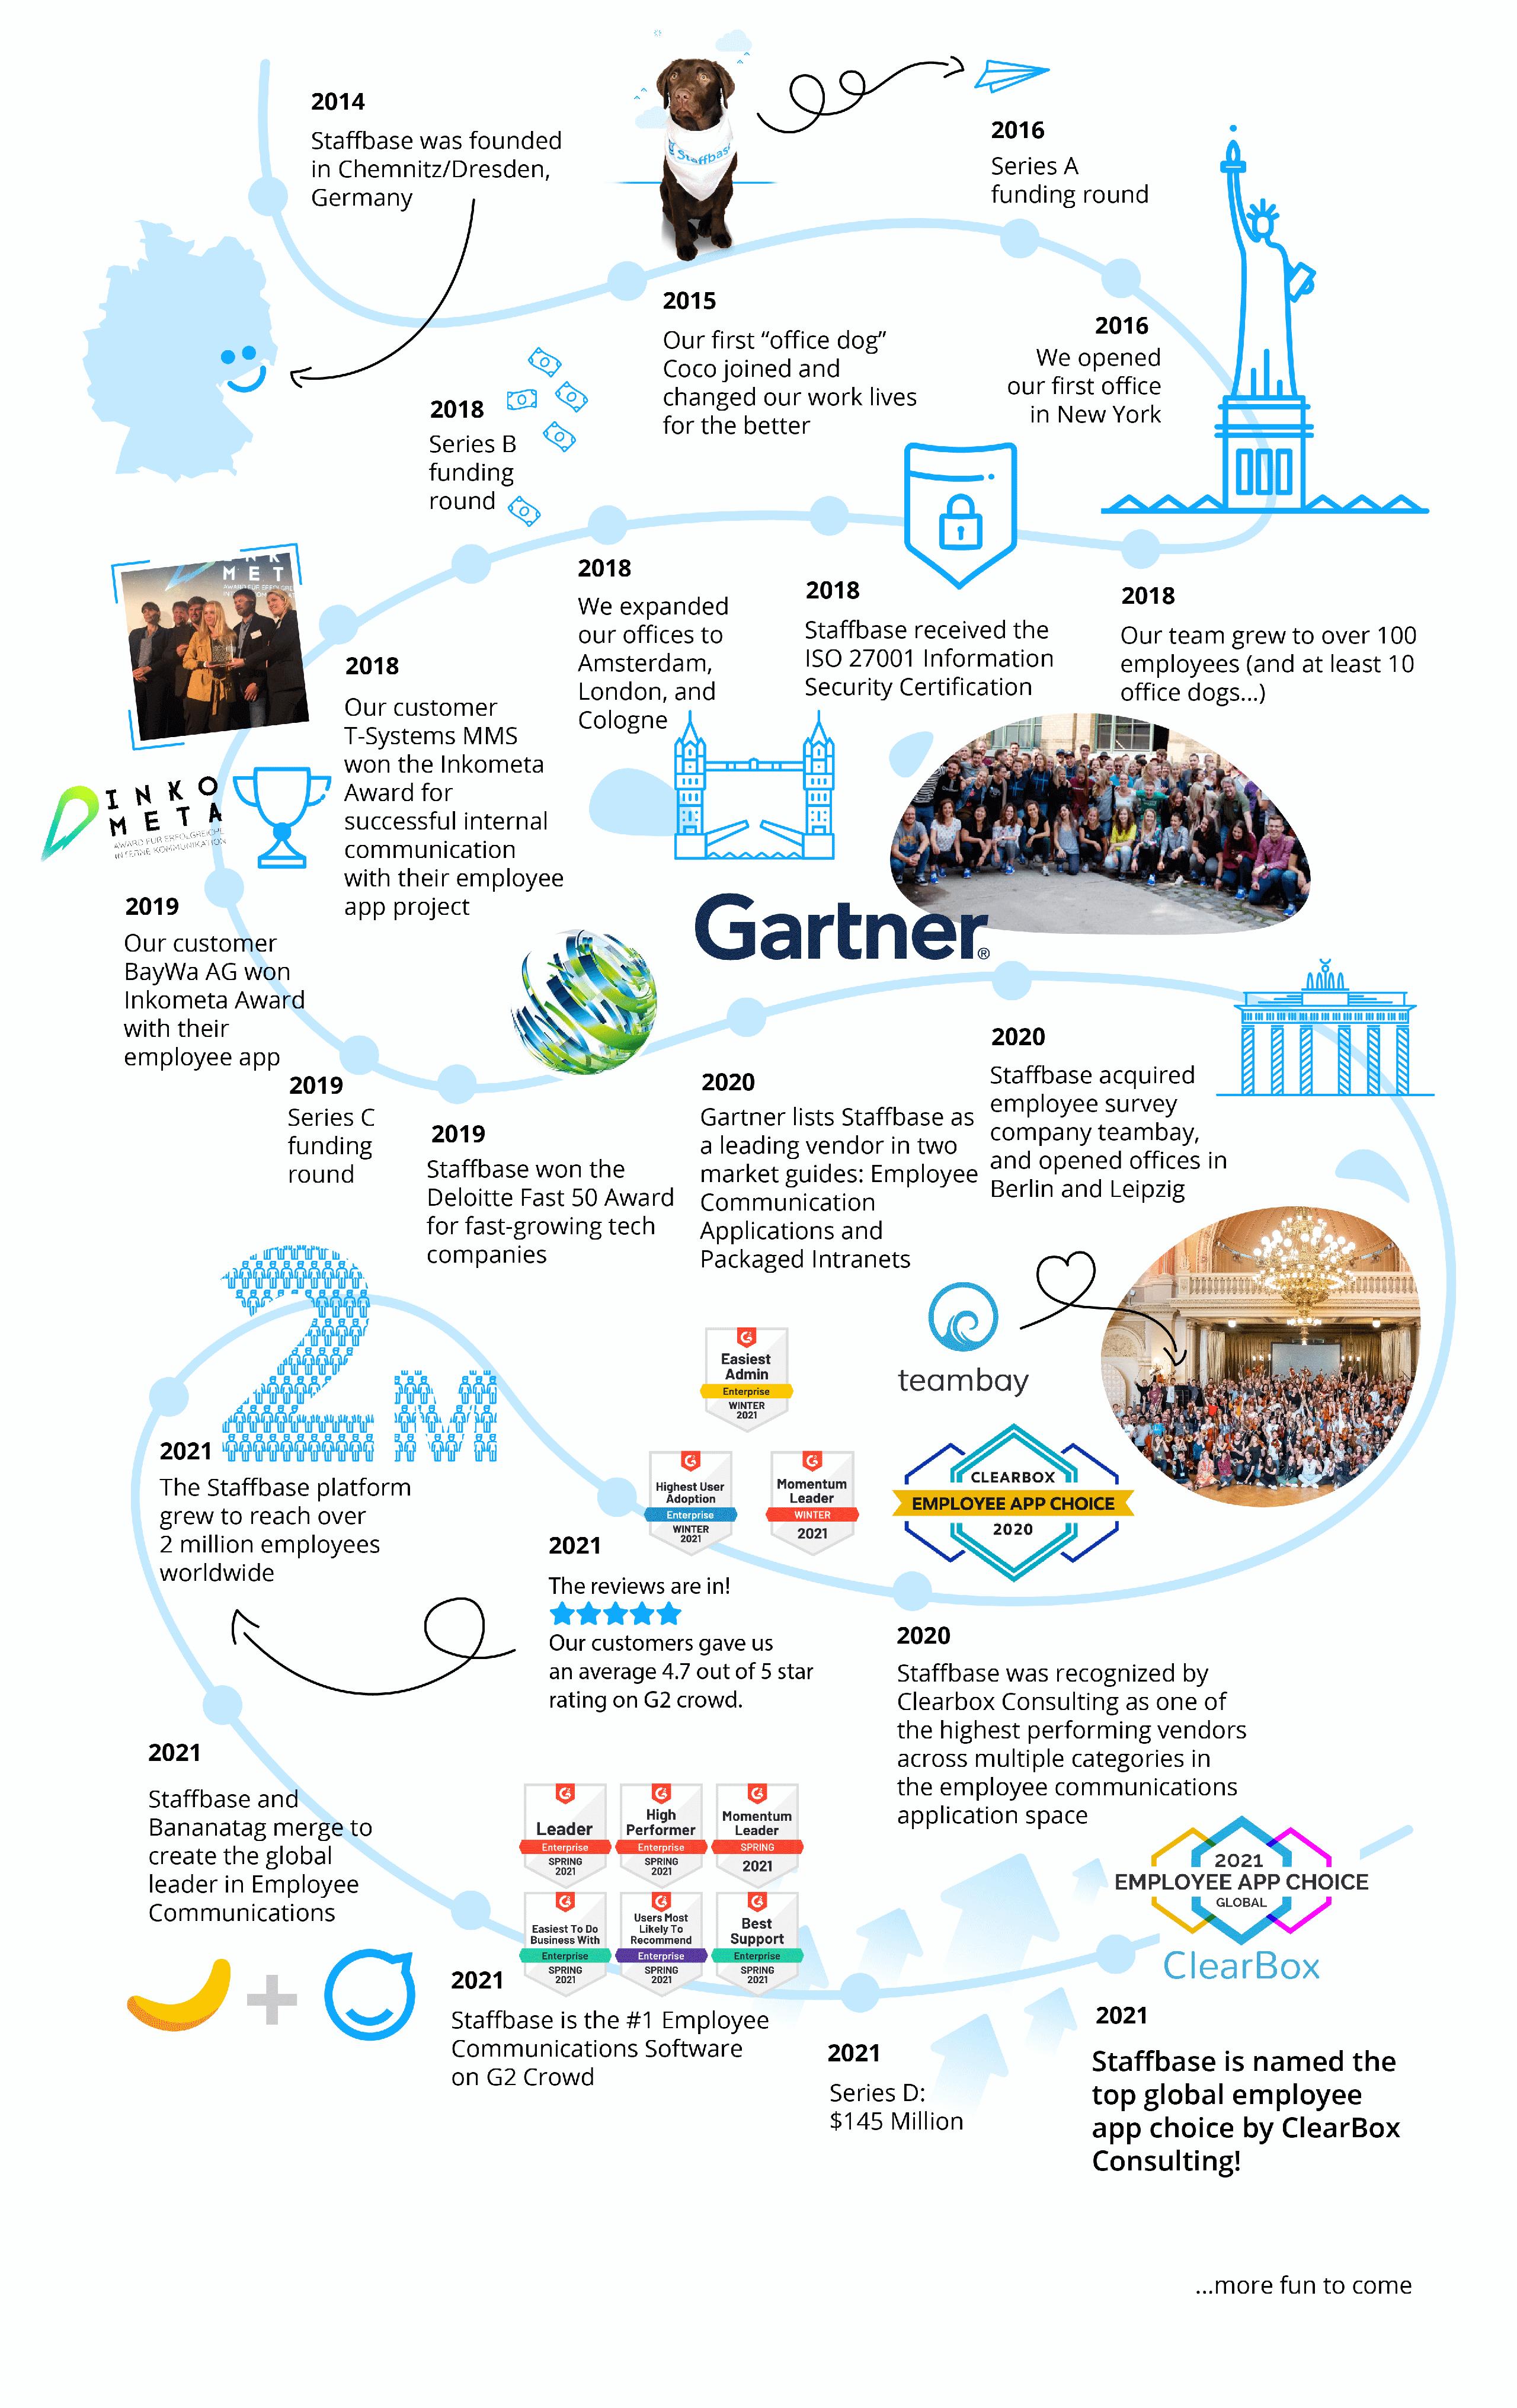 Staffbase story in a timeline